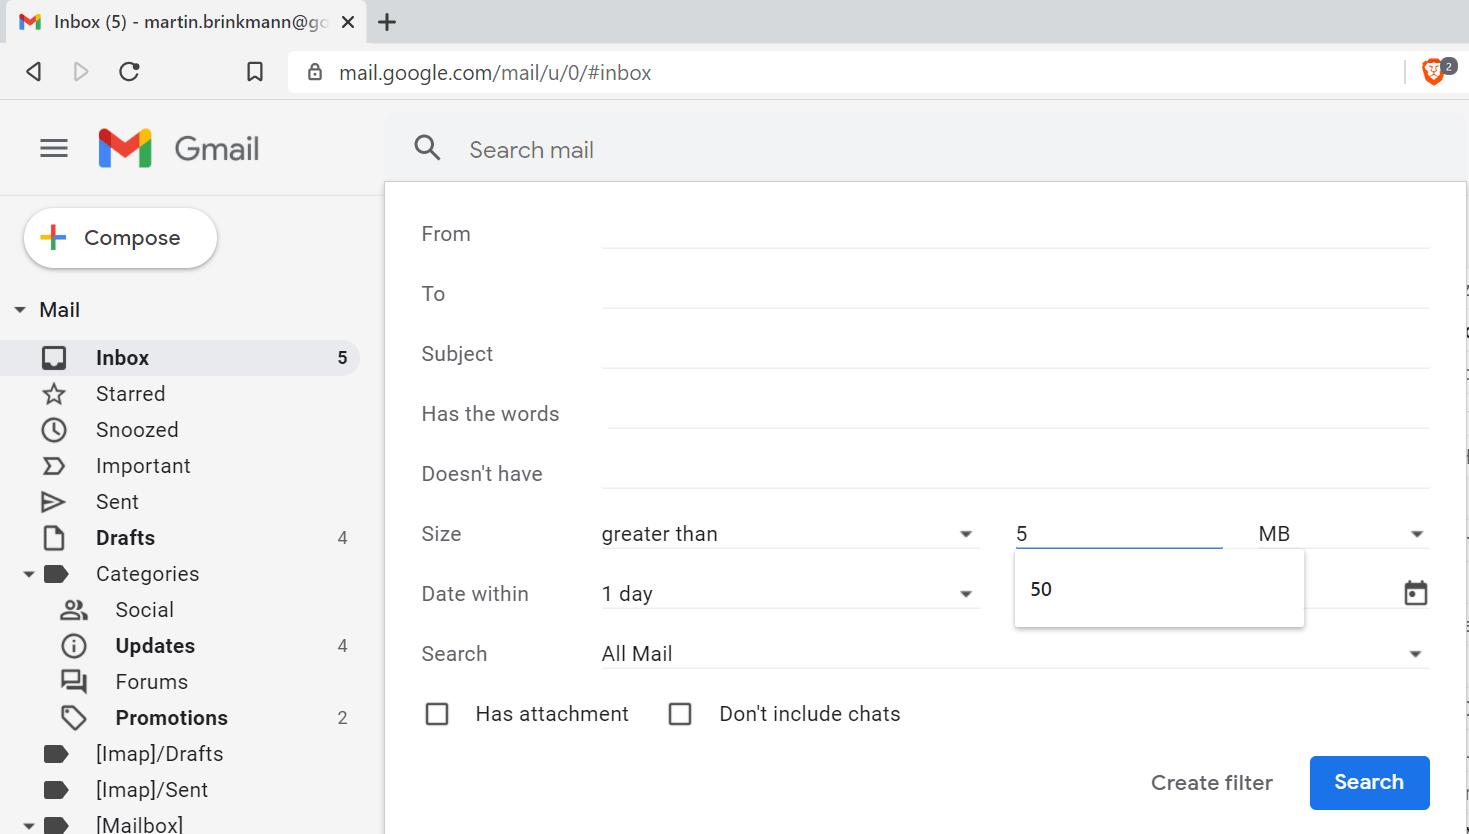 filtros de búsqueda de gmail